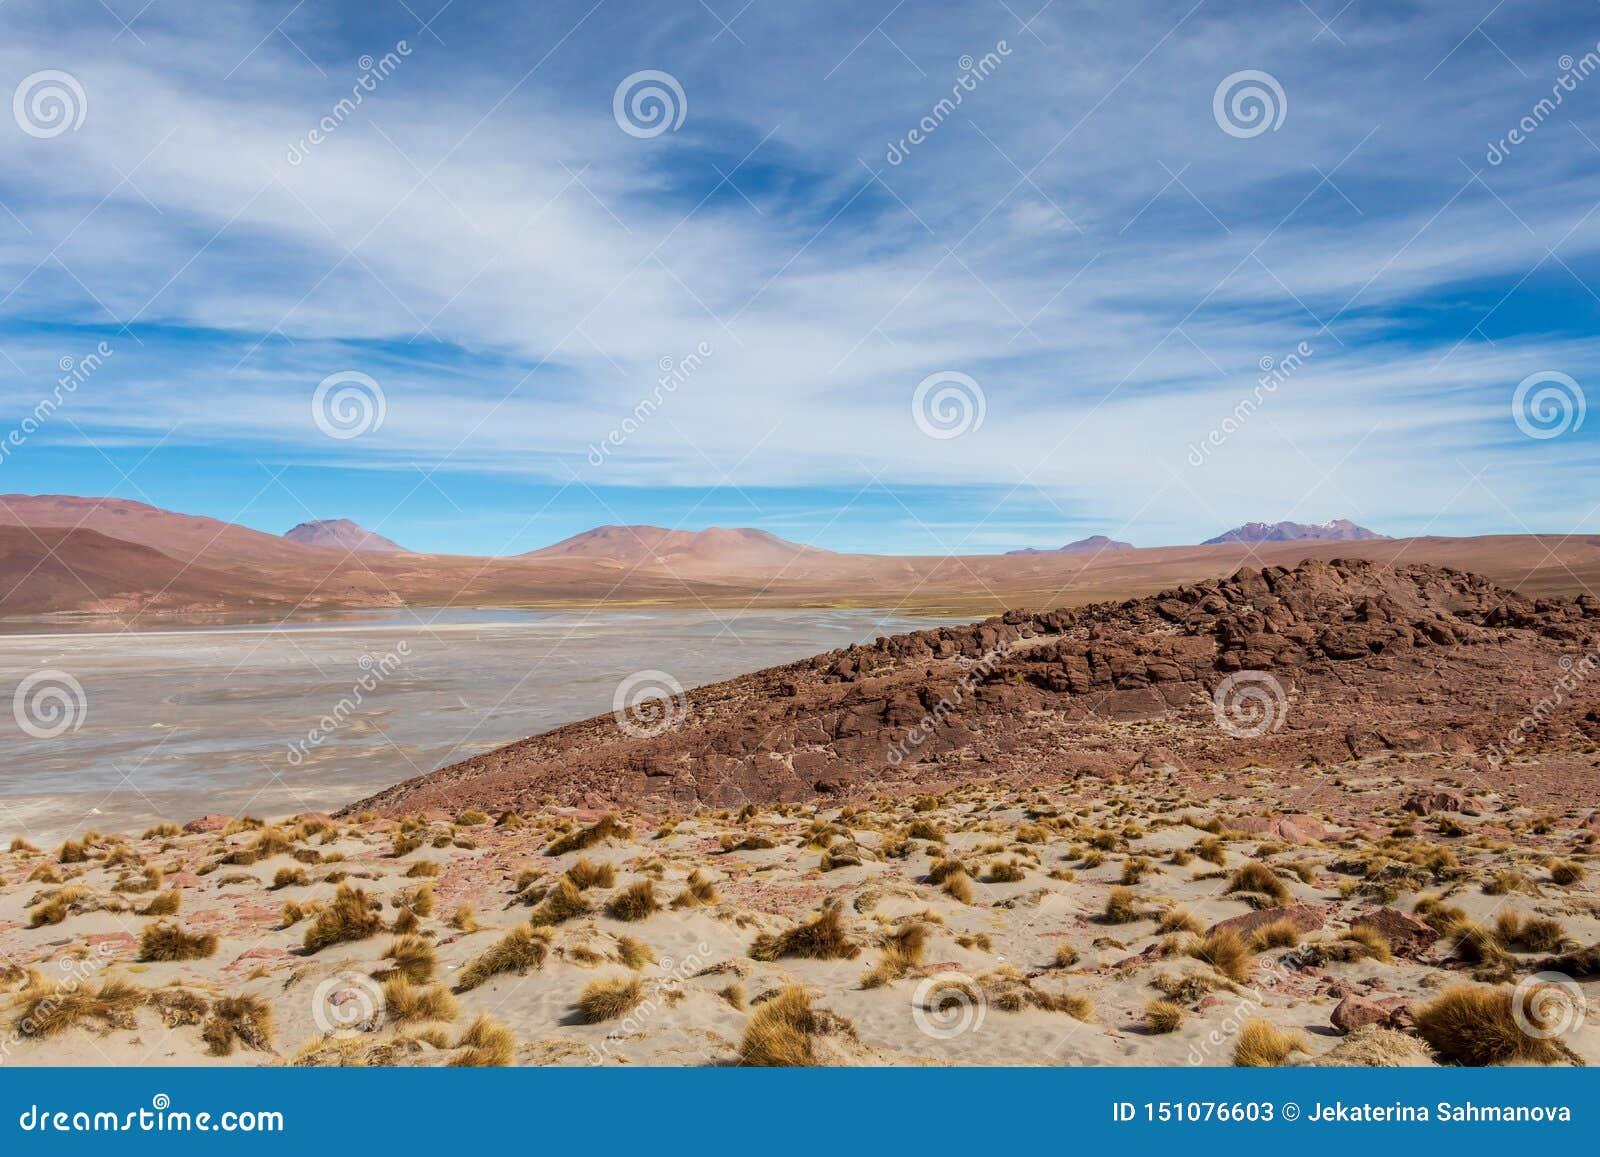 Tło z jałową pustynną scenerią w Boliwijskich Andes w rezerwacie przyrodym Edoardo Avaroa,